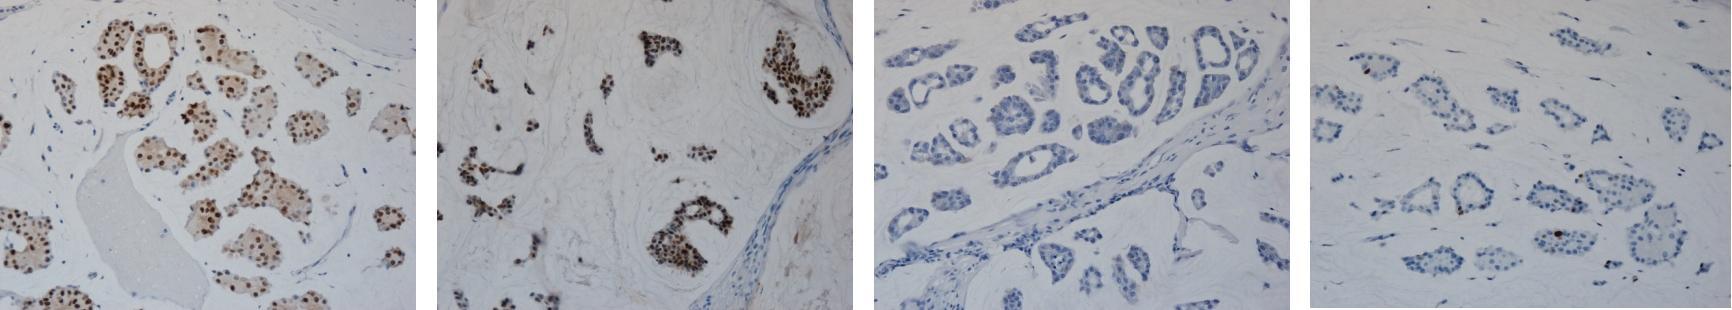 エストロゲン・レセプター、プロゲステロン・レセプター、HER2/neu、Ki-67の4種類の染色標本